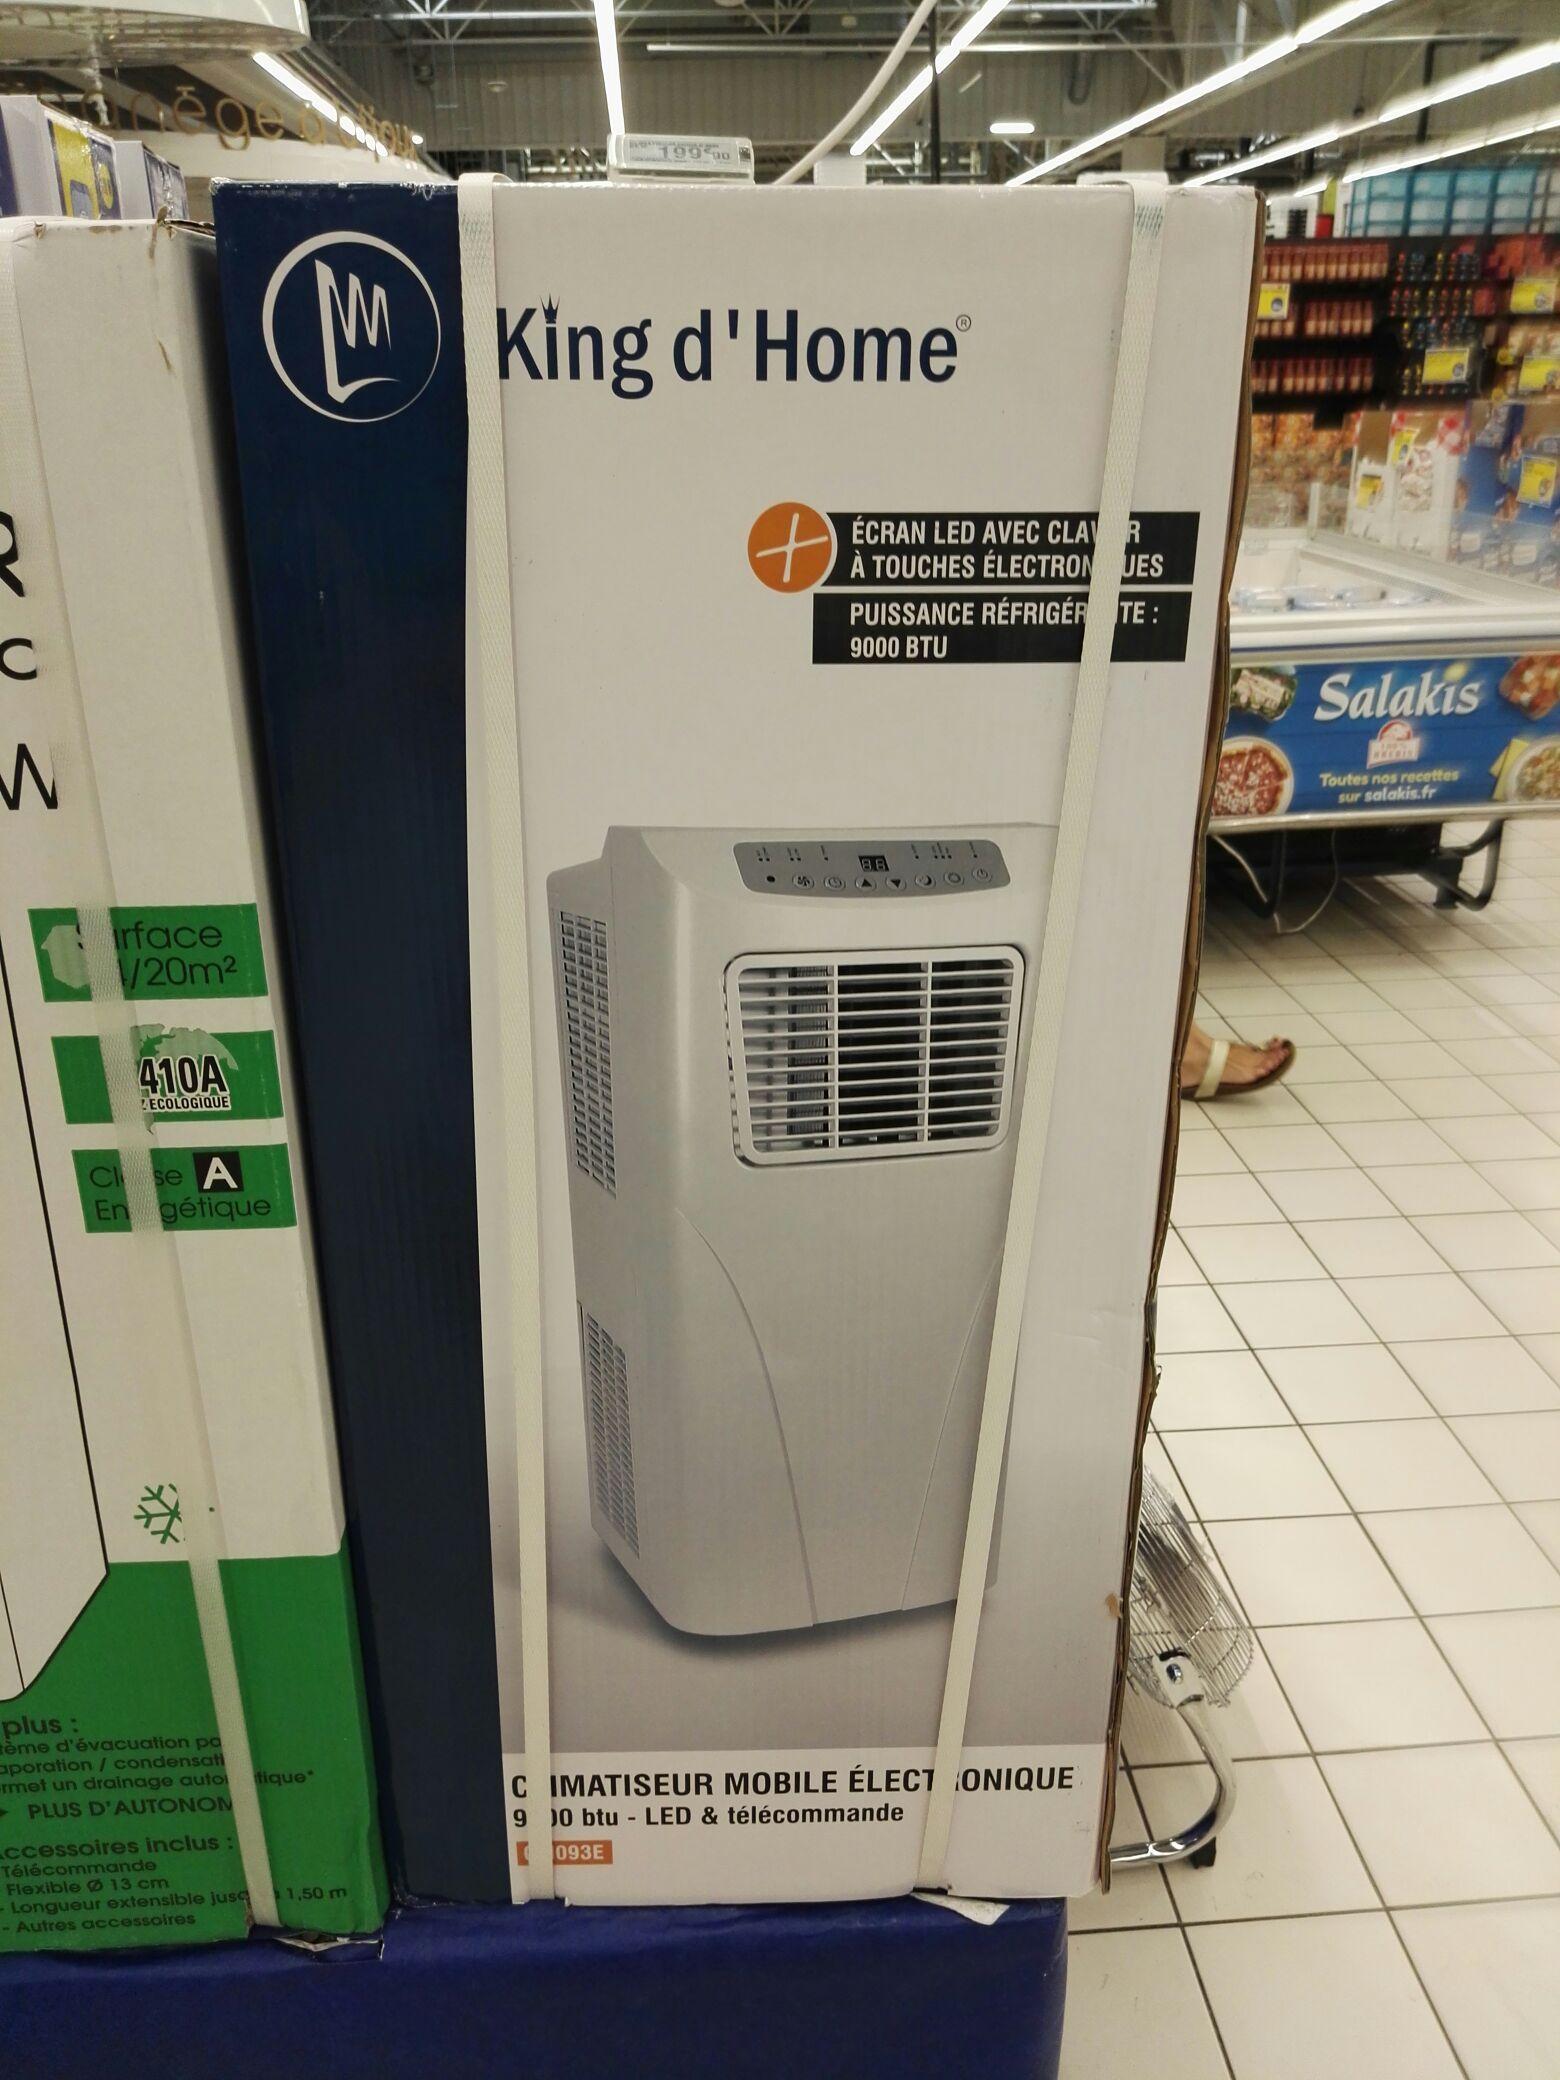 Climatiseur king d'home - 9000 BTU